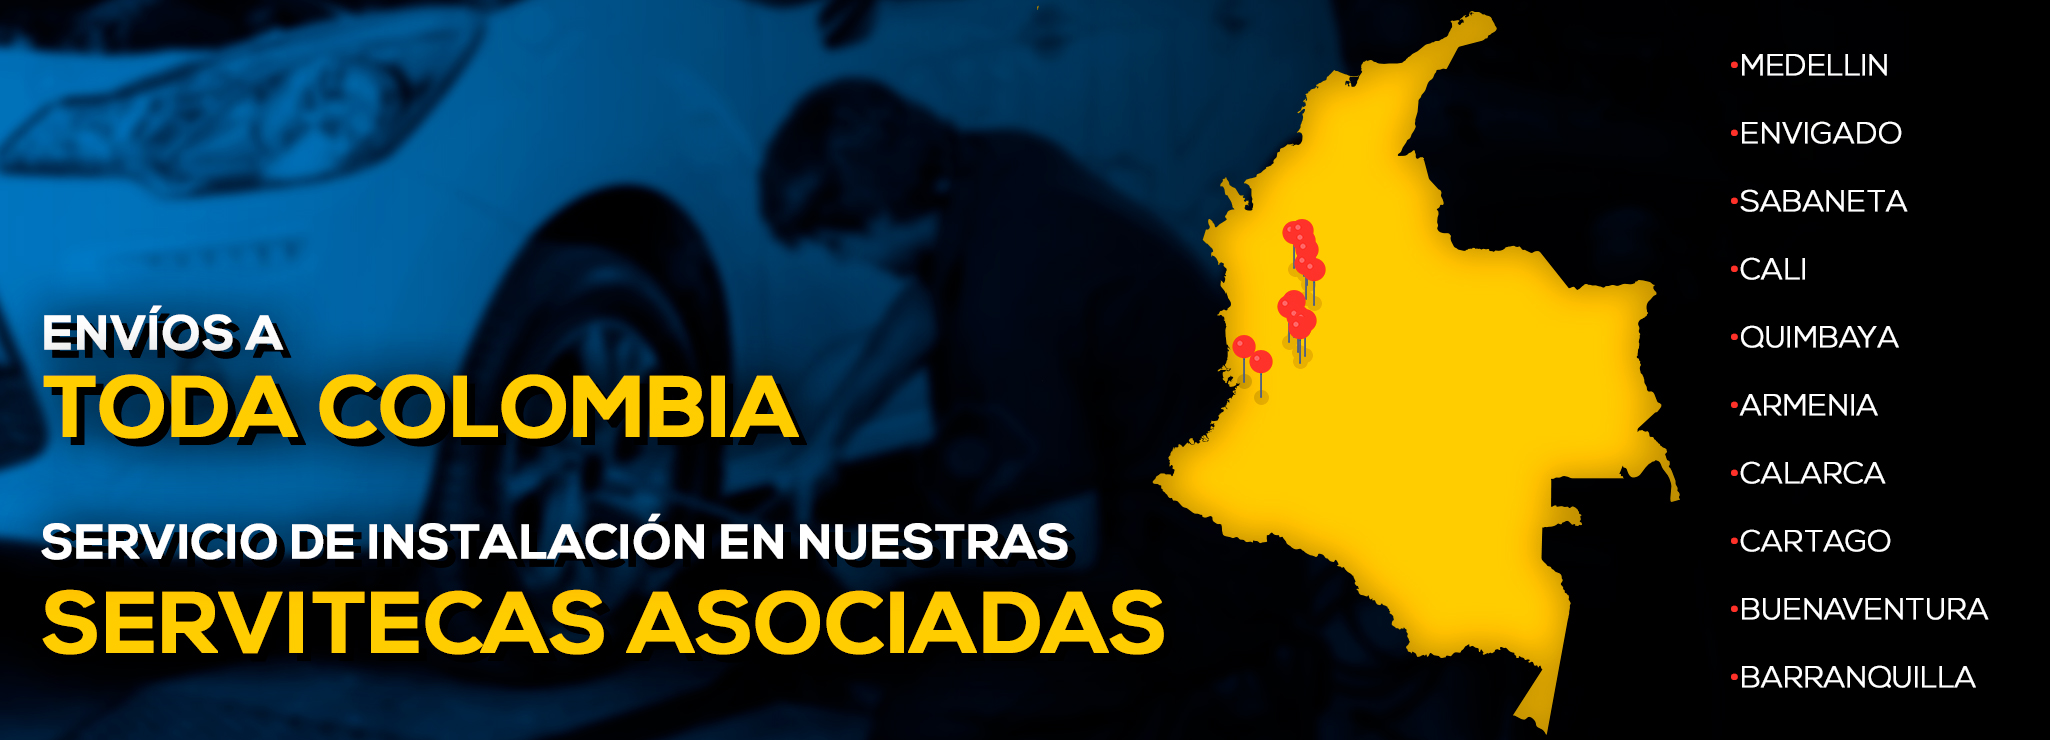 Enviamos a toda Colombia